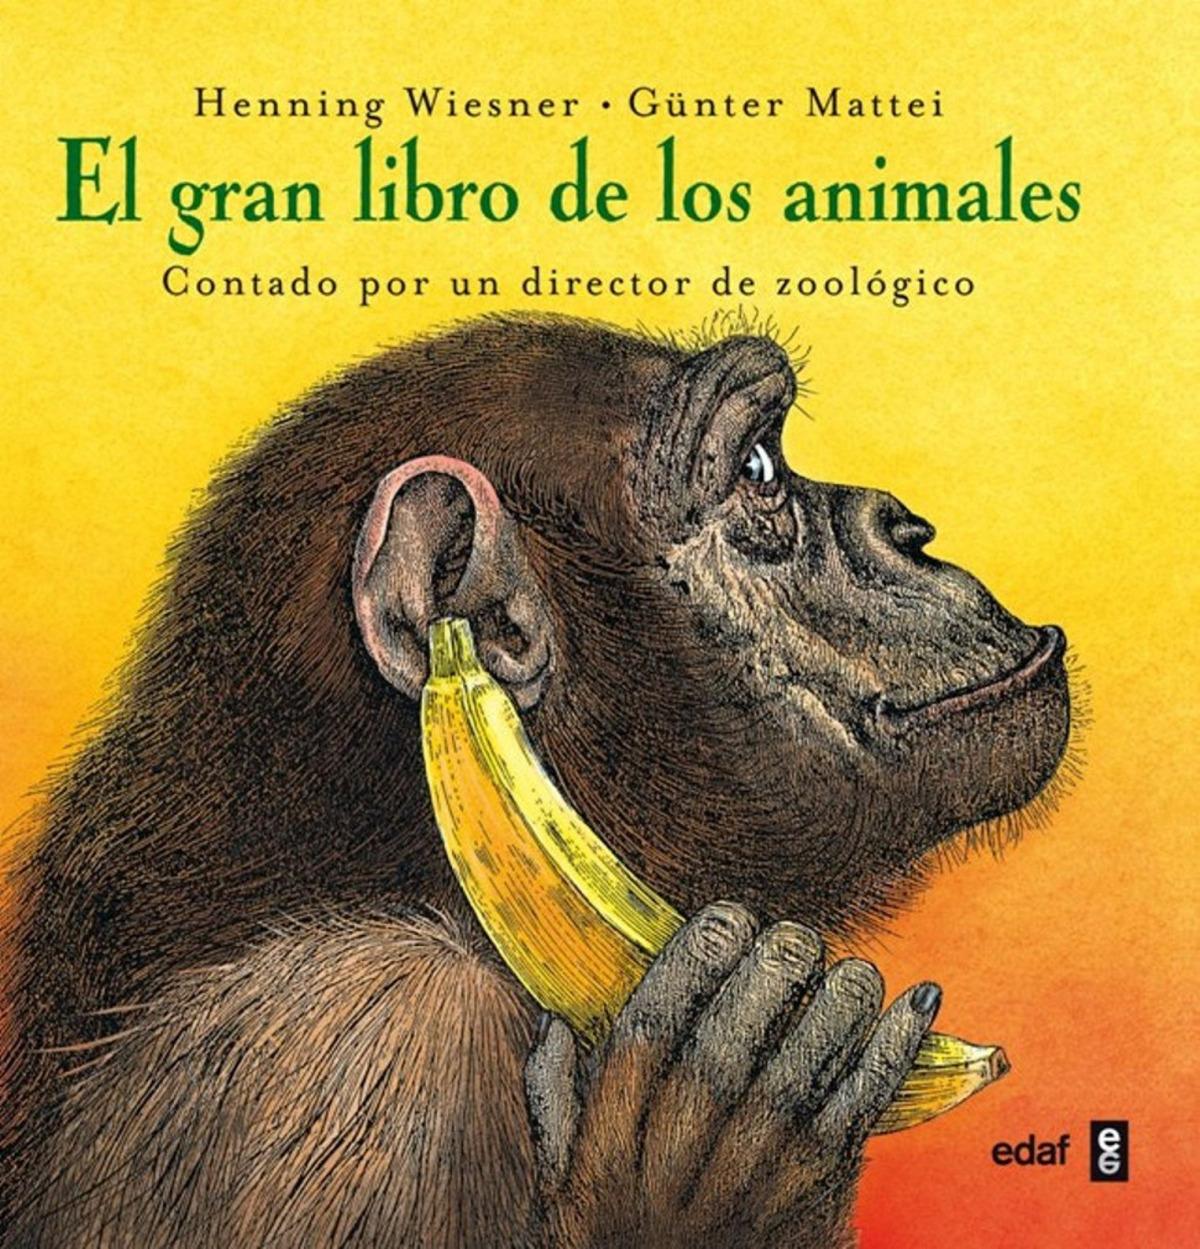 El gran libro de los animales - Henning Wiesner y Günter Mattei